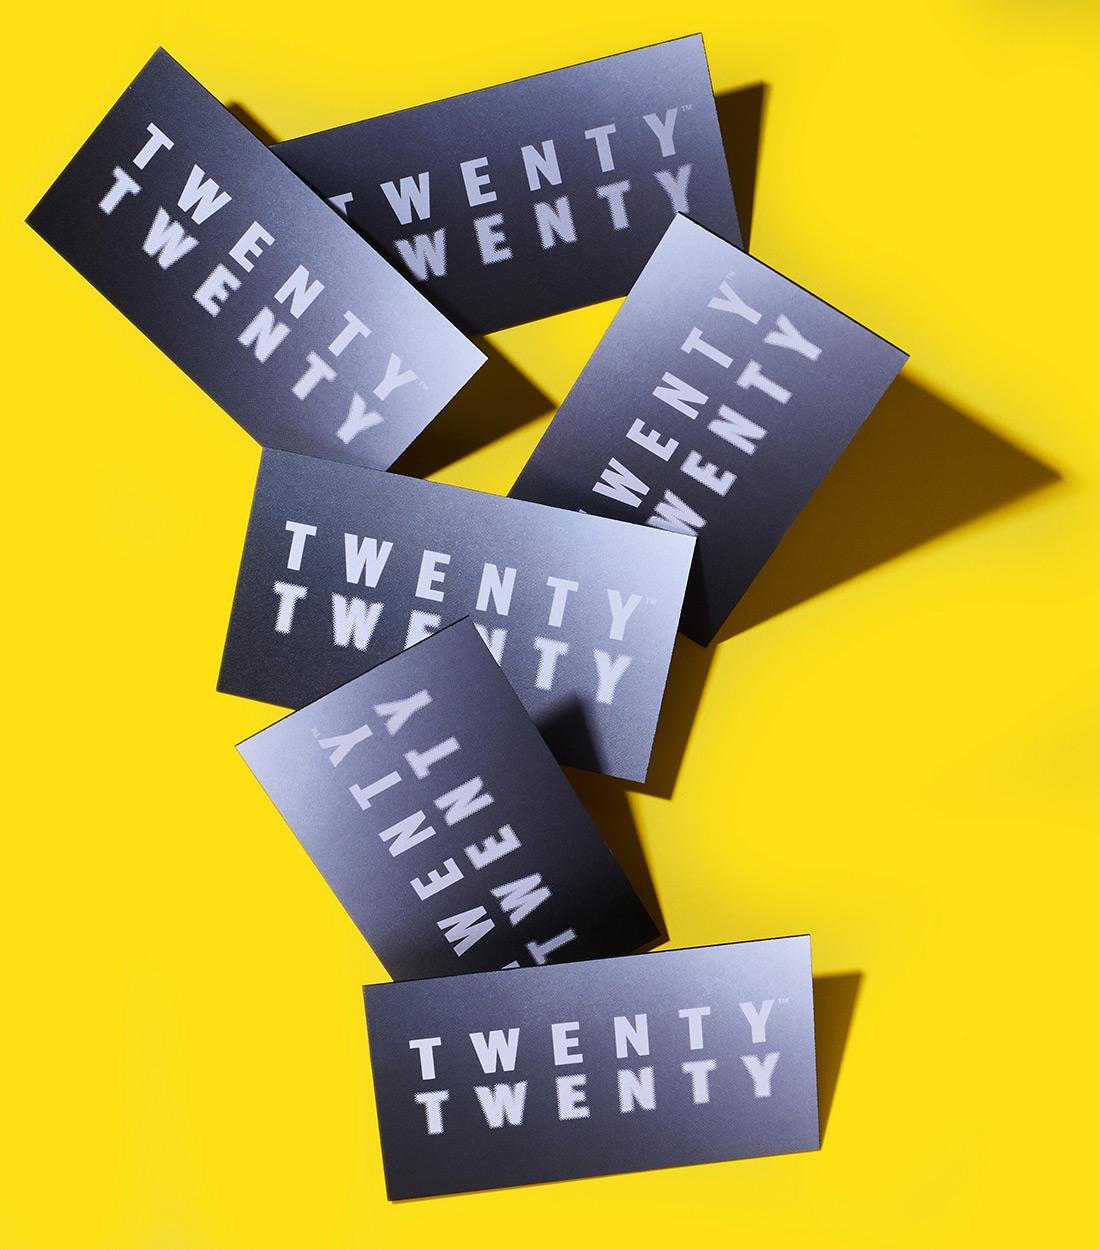 Twenty Twenty Business Cards.